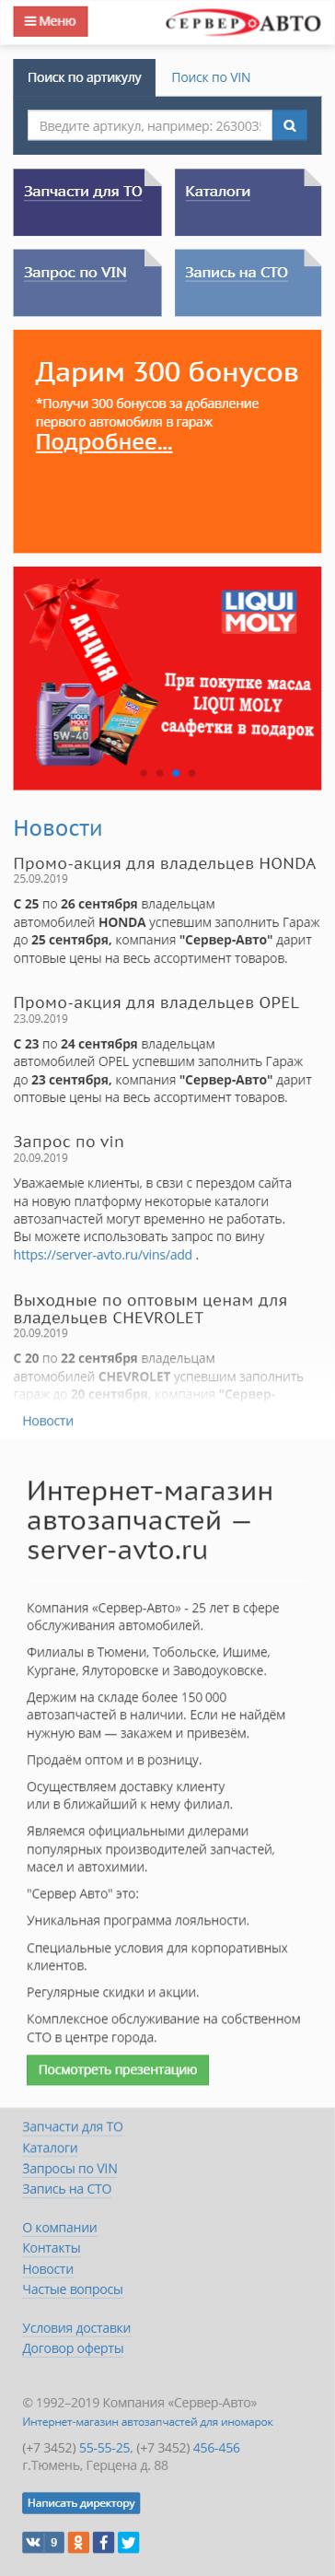 главная страница мобильной версии сервер-авто